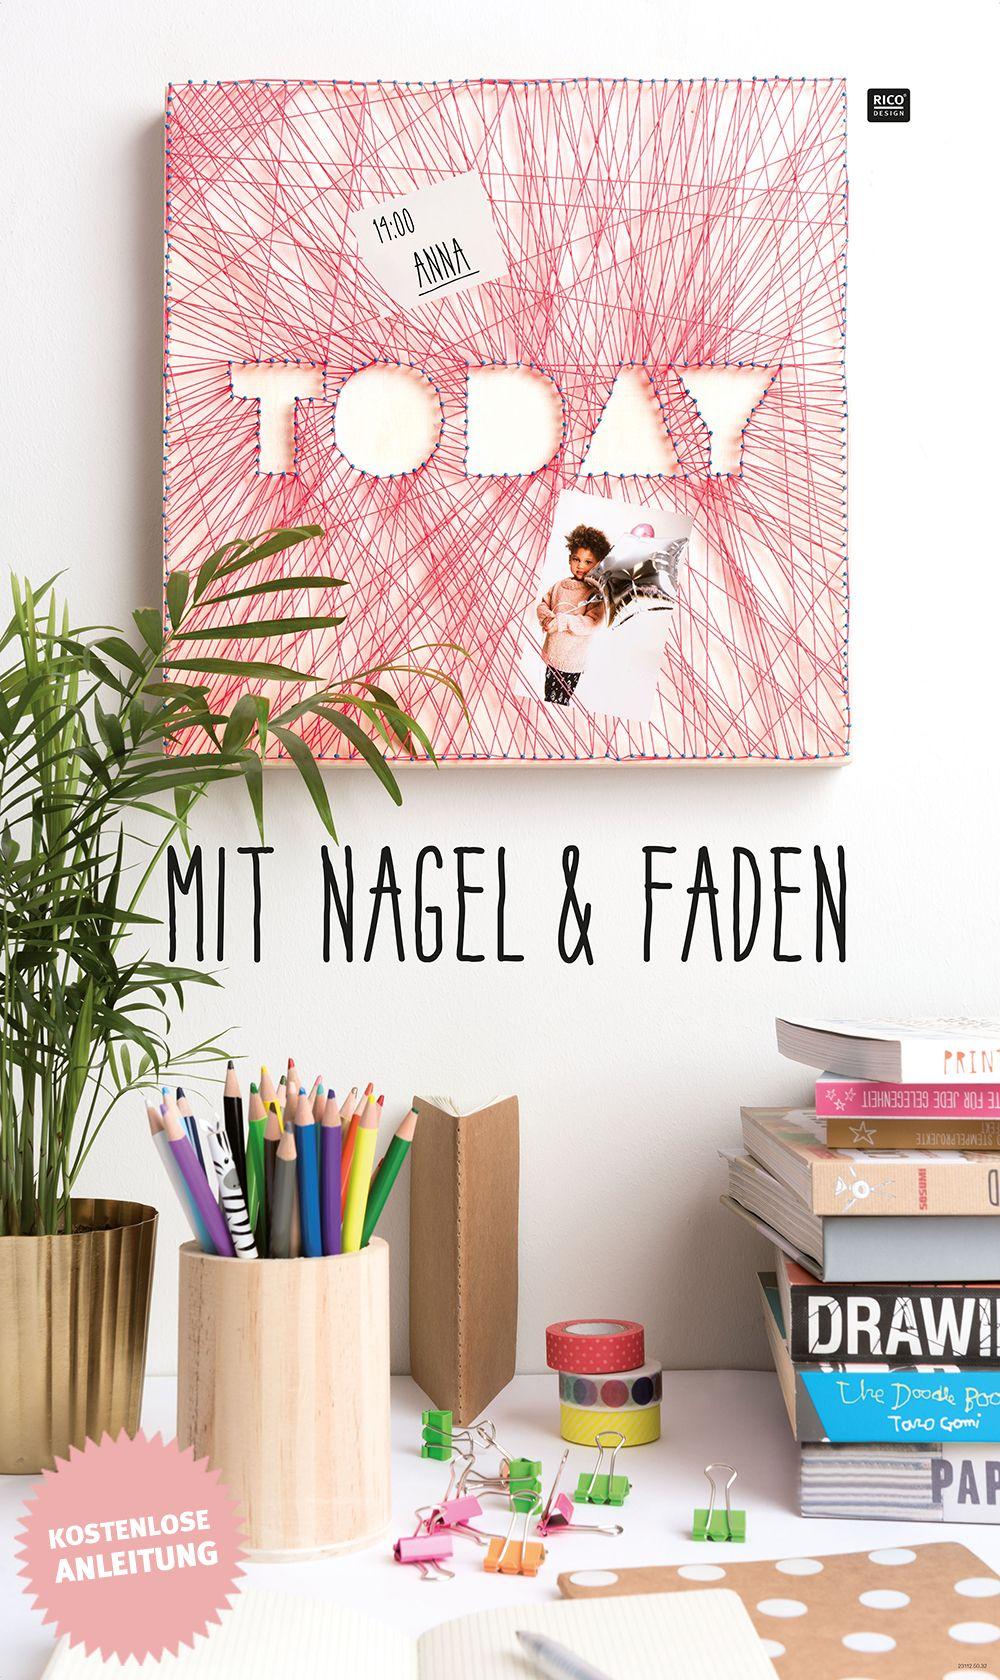 String Art Mit Nagel Und Faden Bilder Spannen Man Nehme Jede